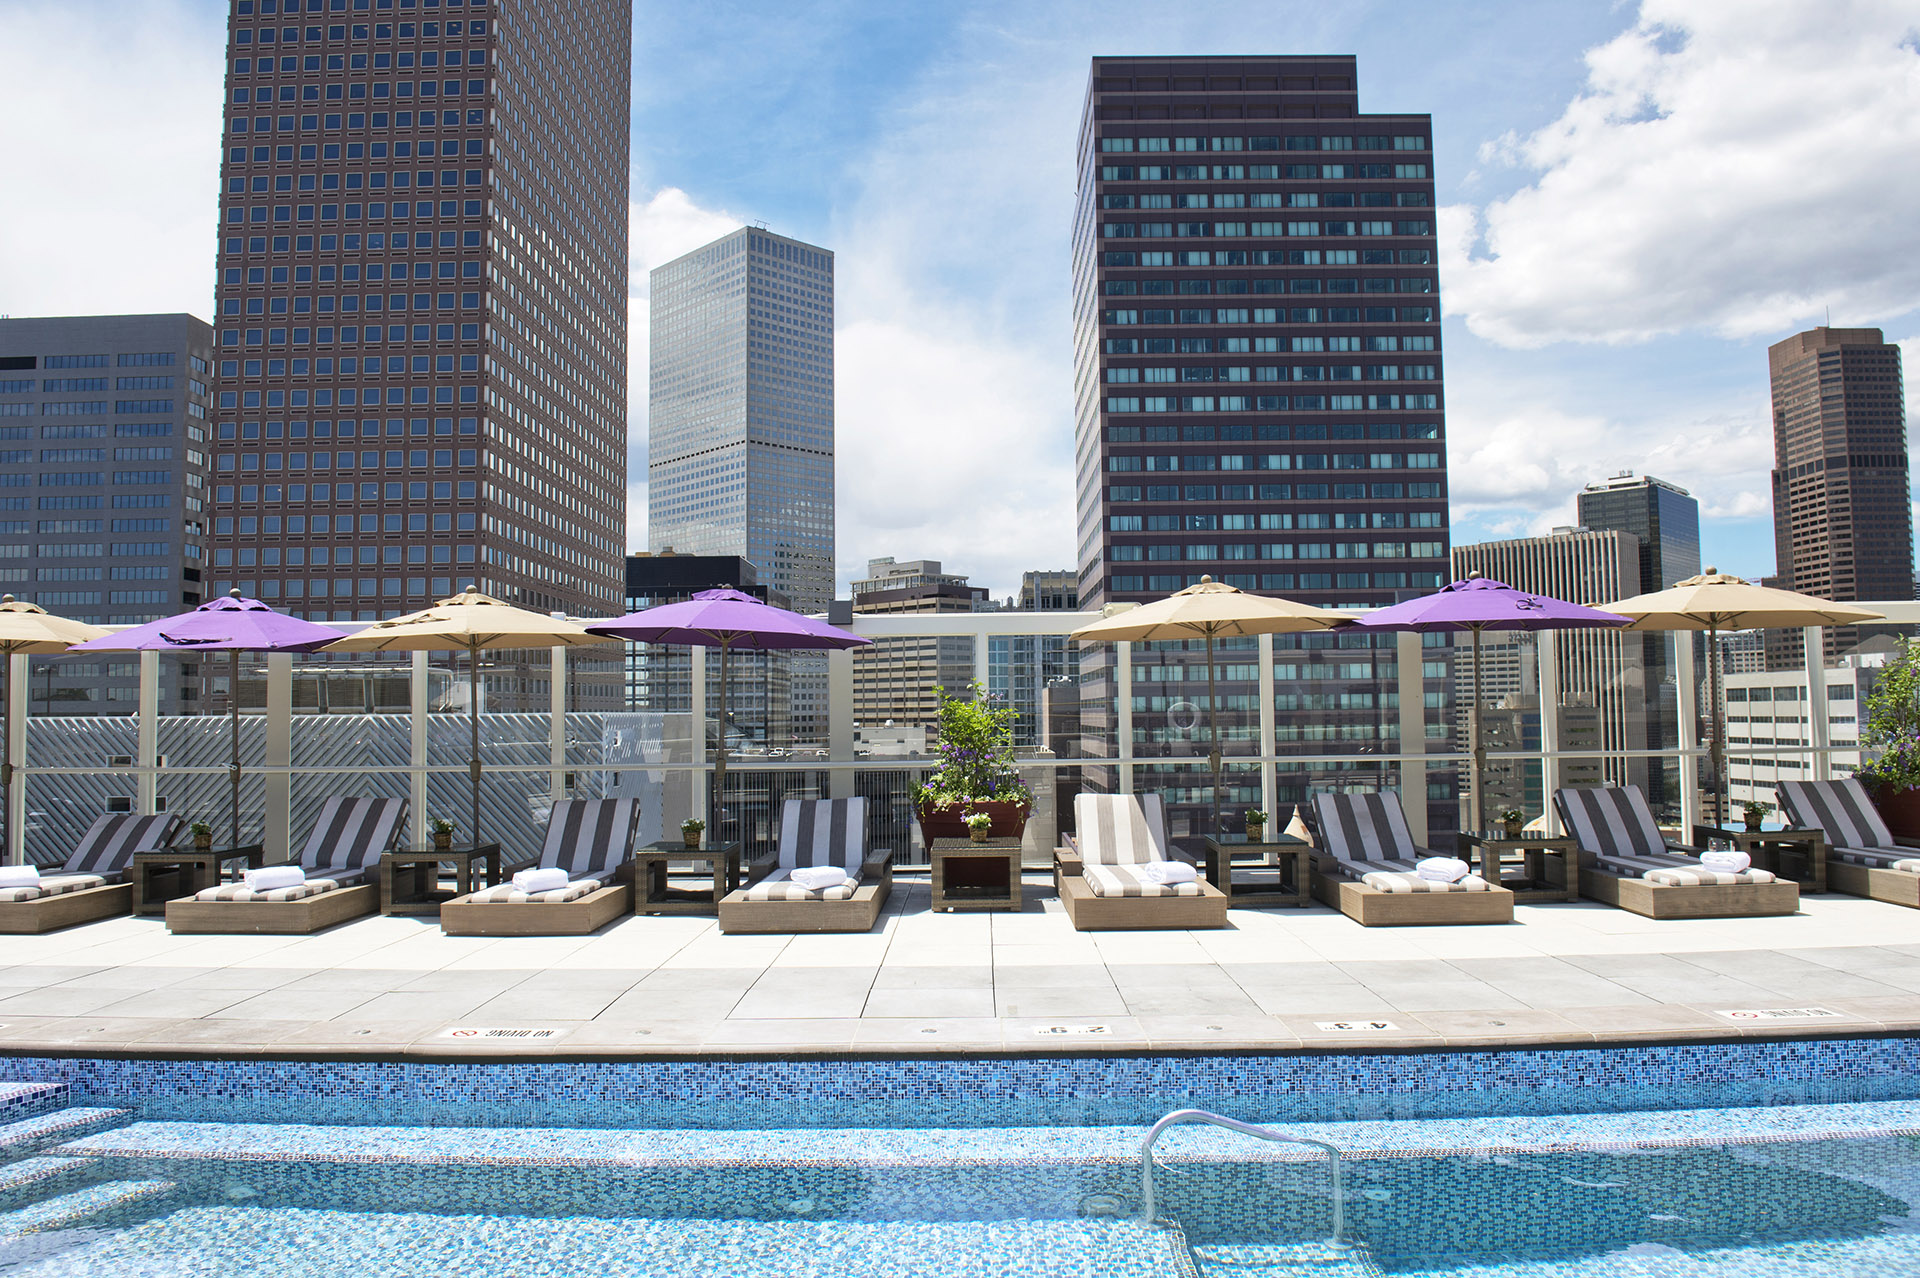 Hotels In Denver >> Warwick Denver Best Hotel In Downtown Denver